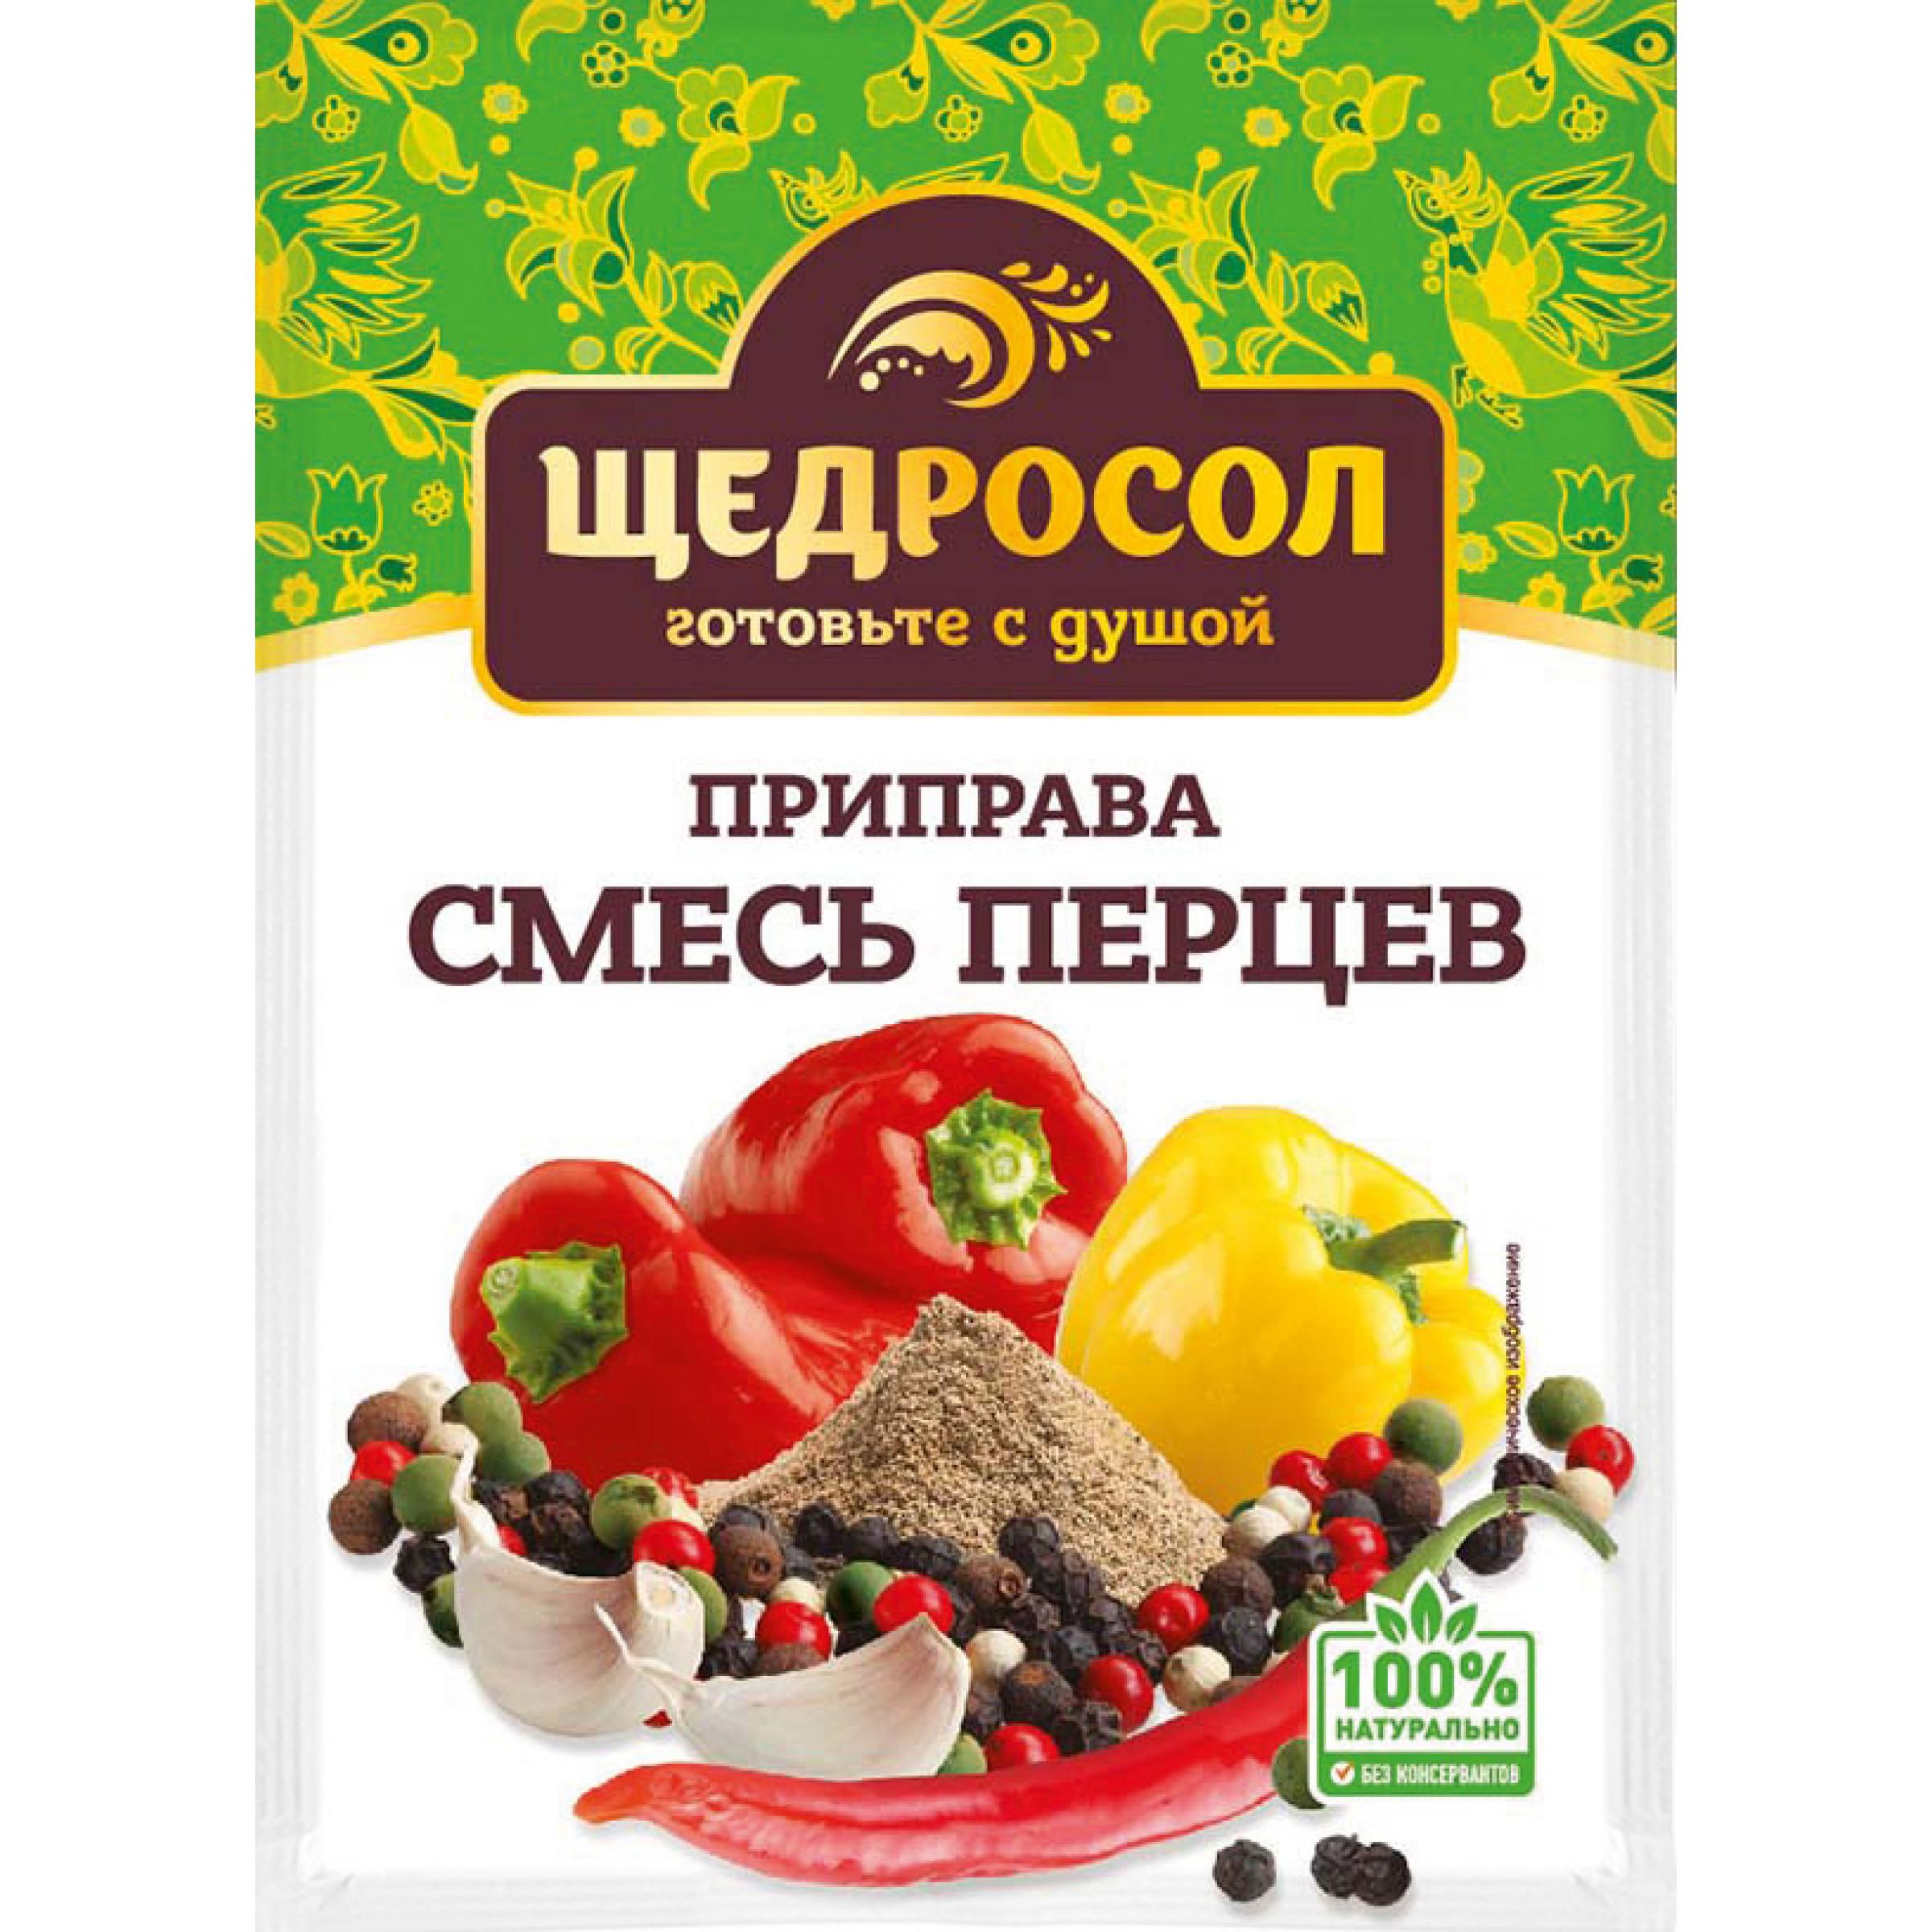 Приправа Смесь перцев, Щедросол, 15 гр